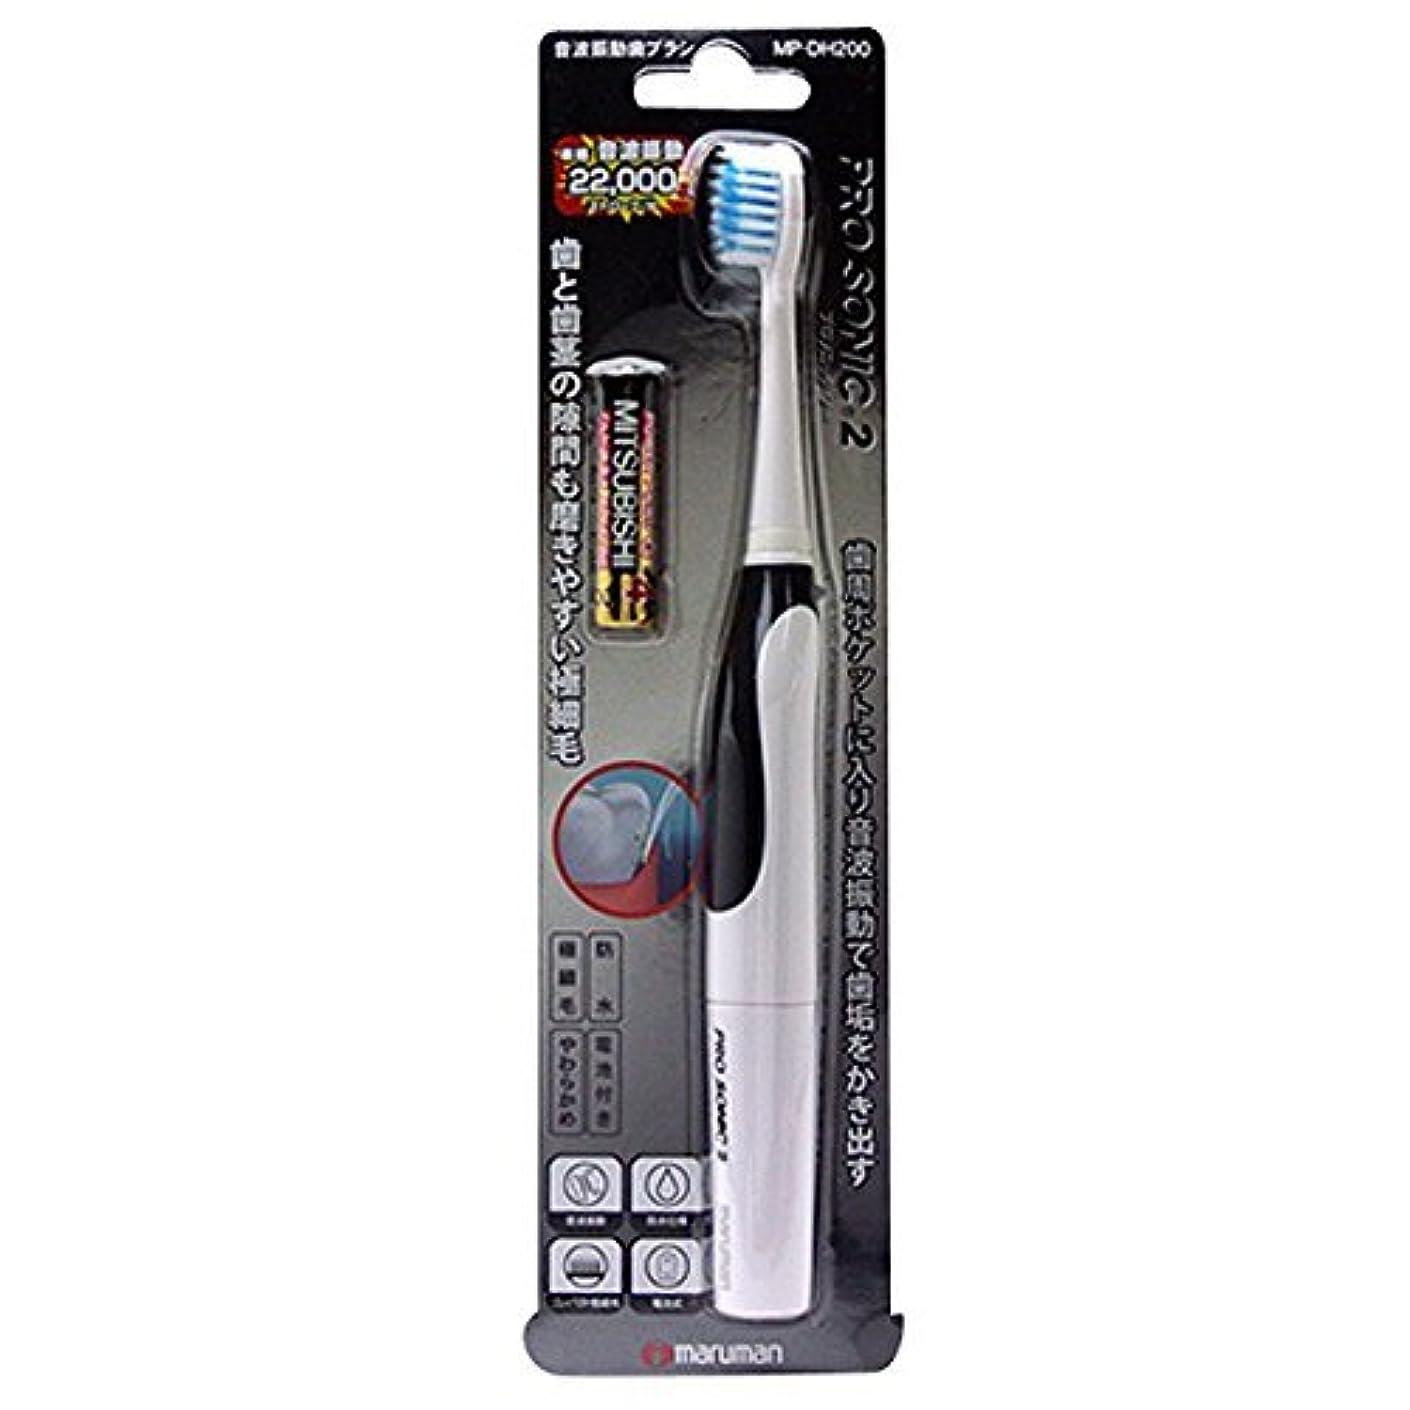 も法王優しい音波振動歯ブラシ PROSONIC2(プロソニック ツー) MP-DH200BK ブラック